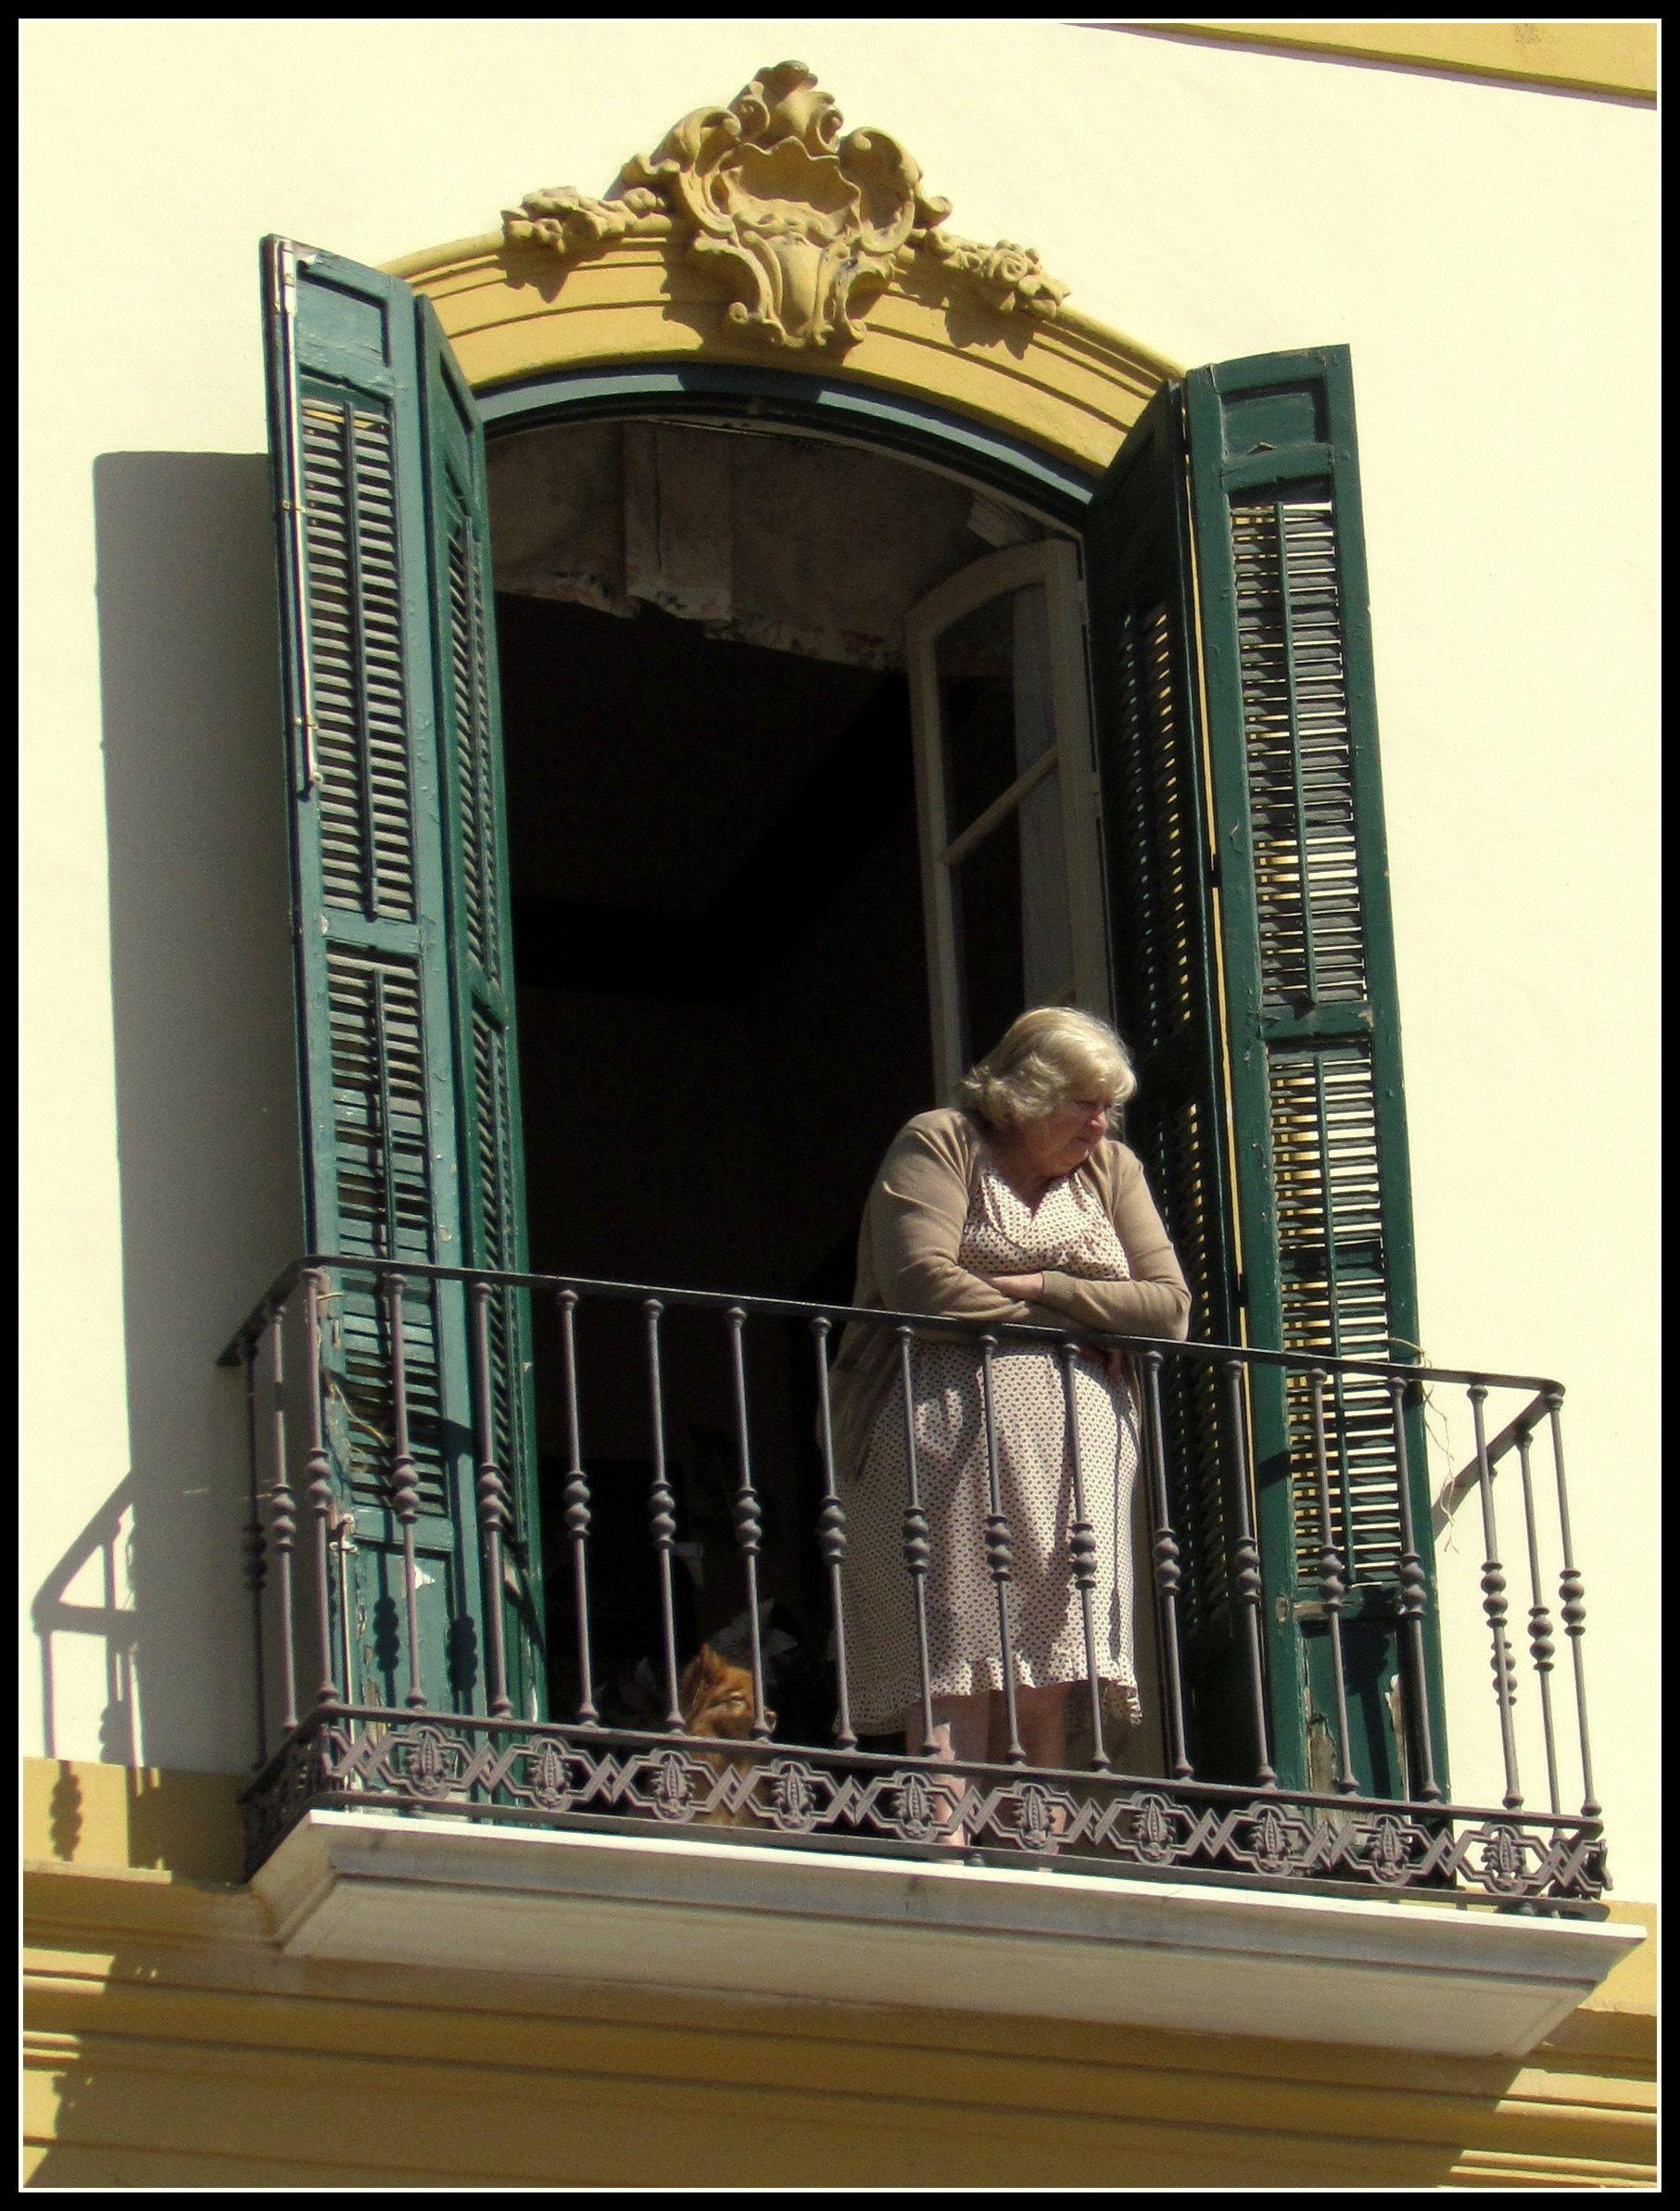 A señora and her dog on the balcony, Malaga, Spain Copyright: Frank Lisborg